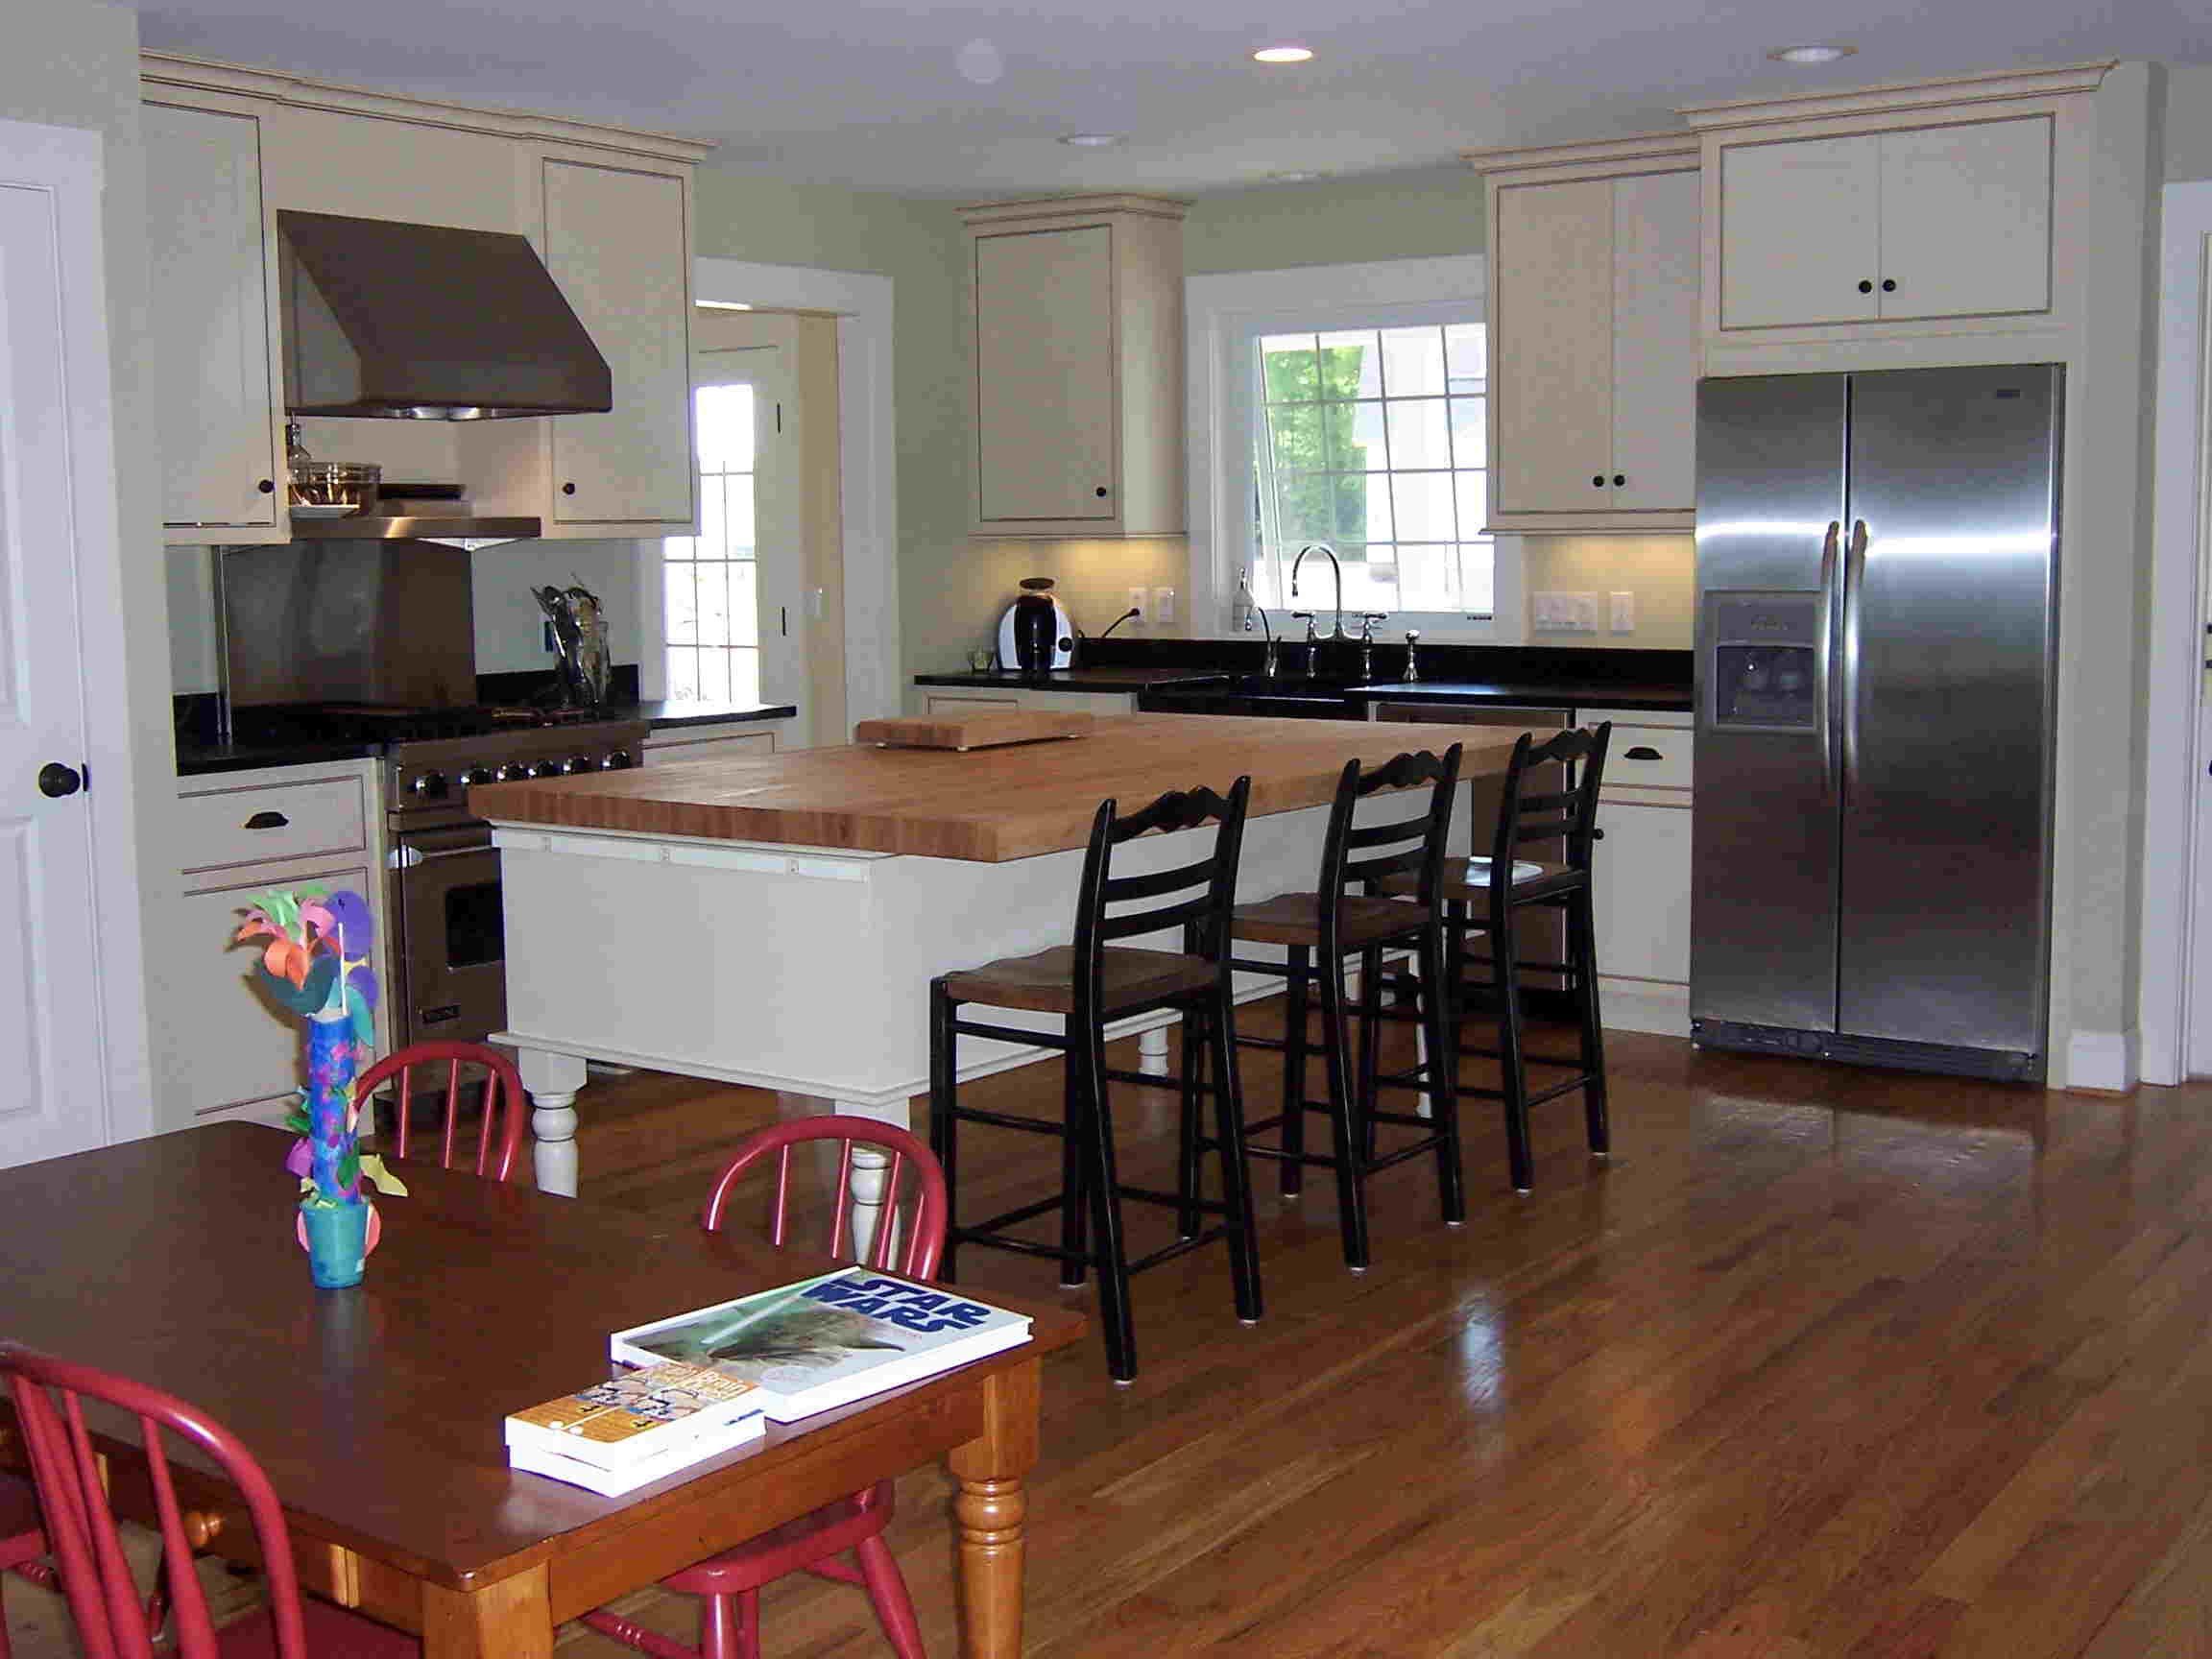 Kitchen Design Kitchen Design Layout Corner Sink  Wellesley Awesome Www Kitchen Designs Layouts Inspiration